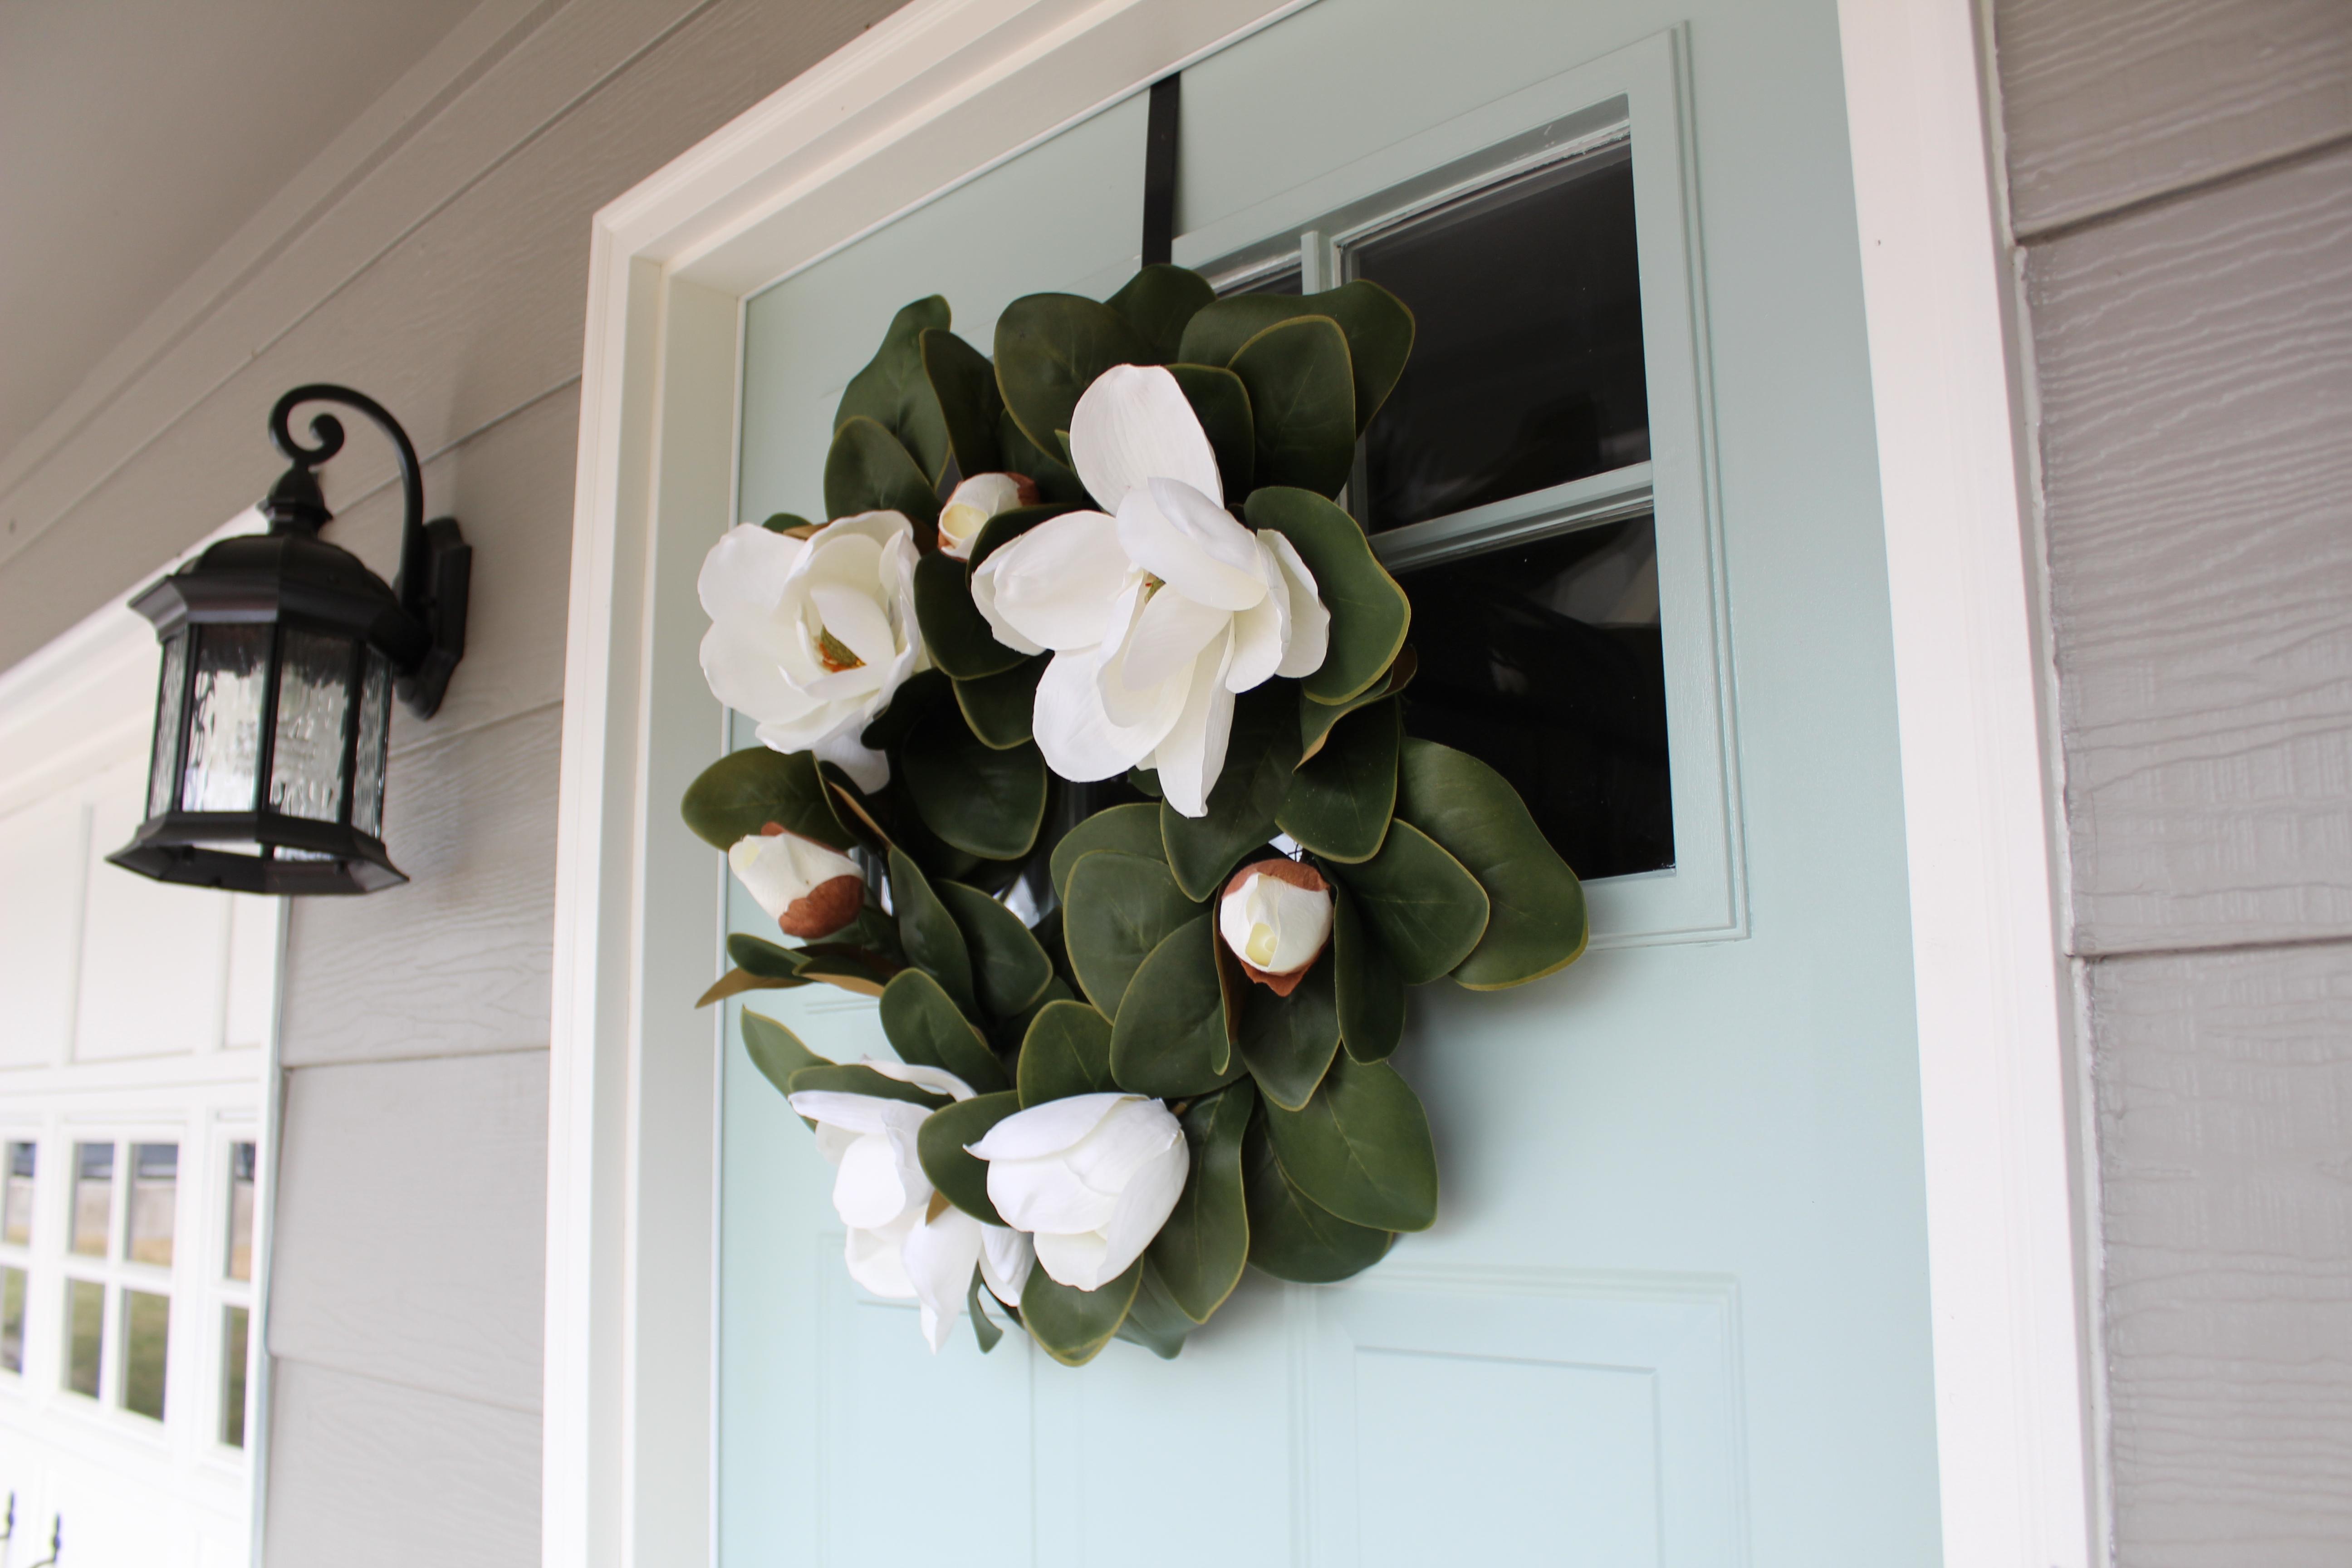 Our New Front Door Spring Exterior Door Colors